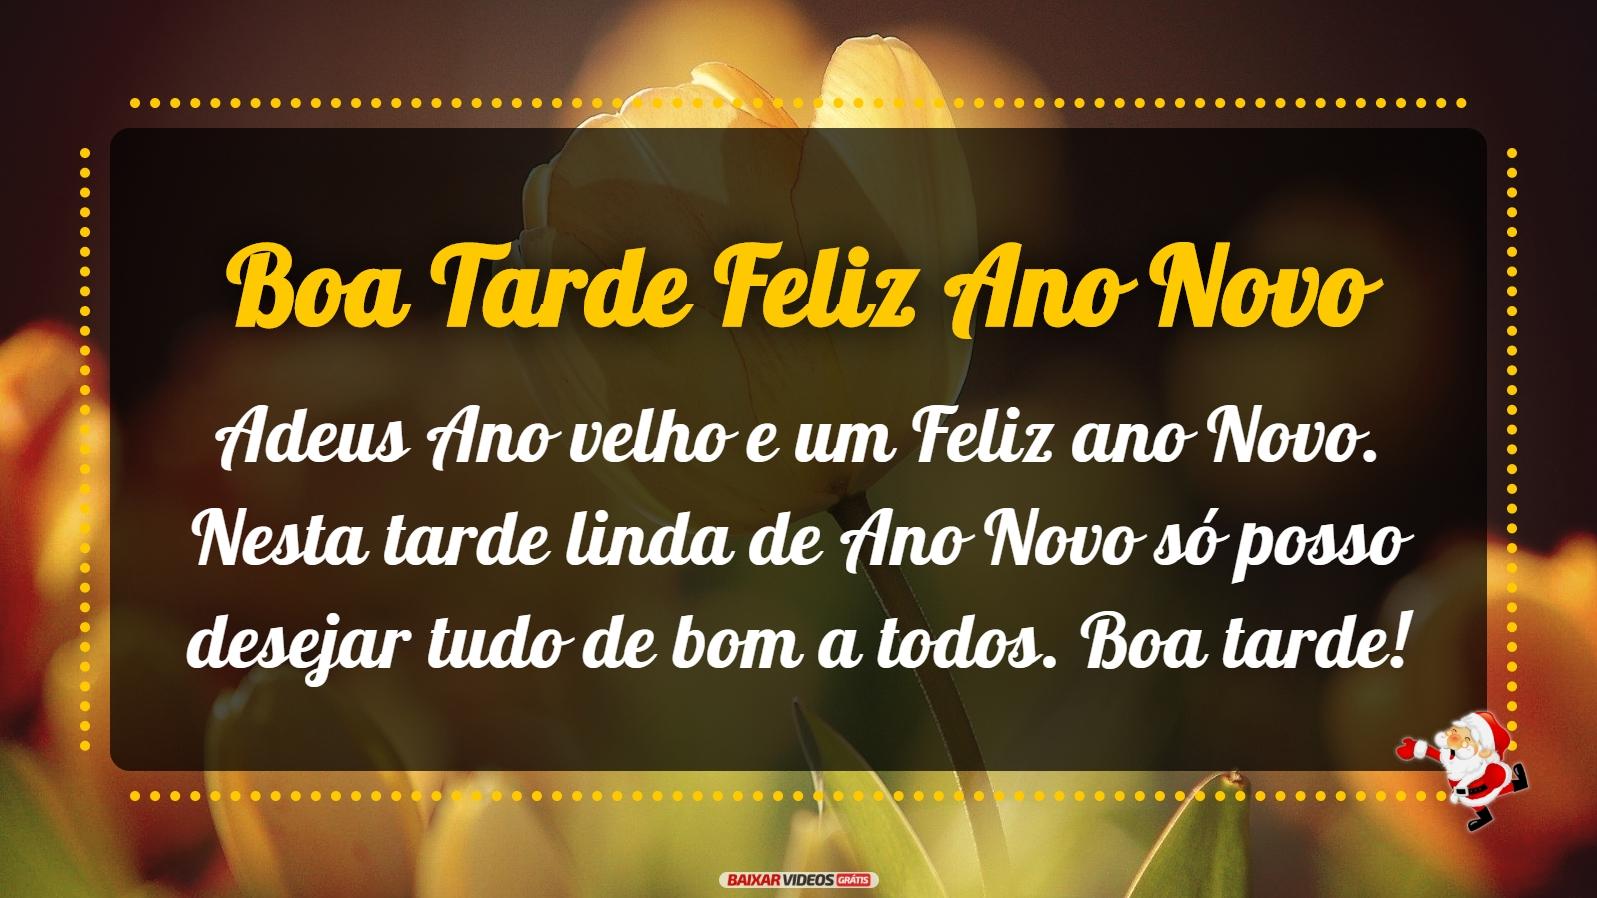 Adeus Ano velho e um Feliz ano Novo. Nesta tarde linda de Ano Novo só posso desejar tudo de bom a todos. Boa tarde!